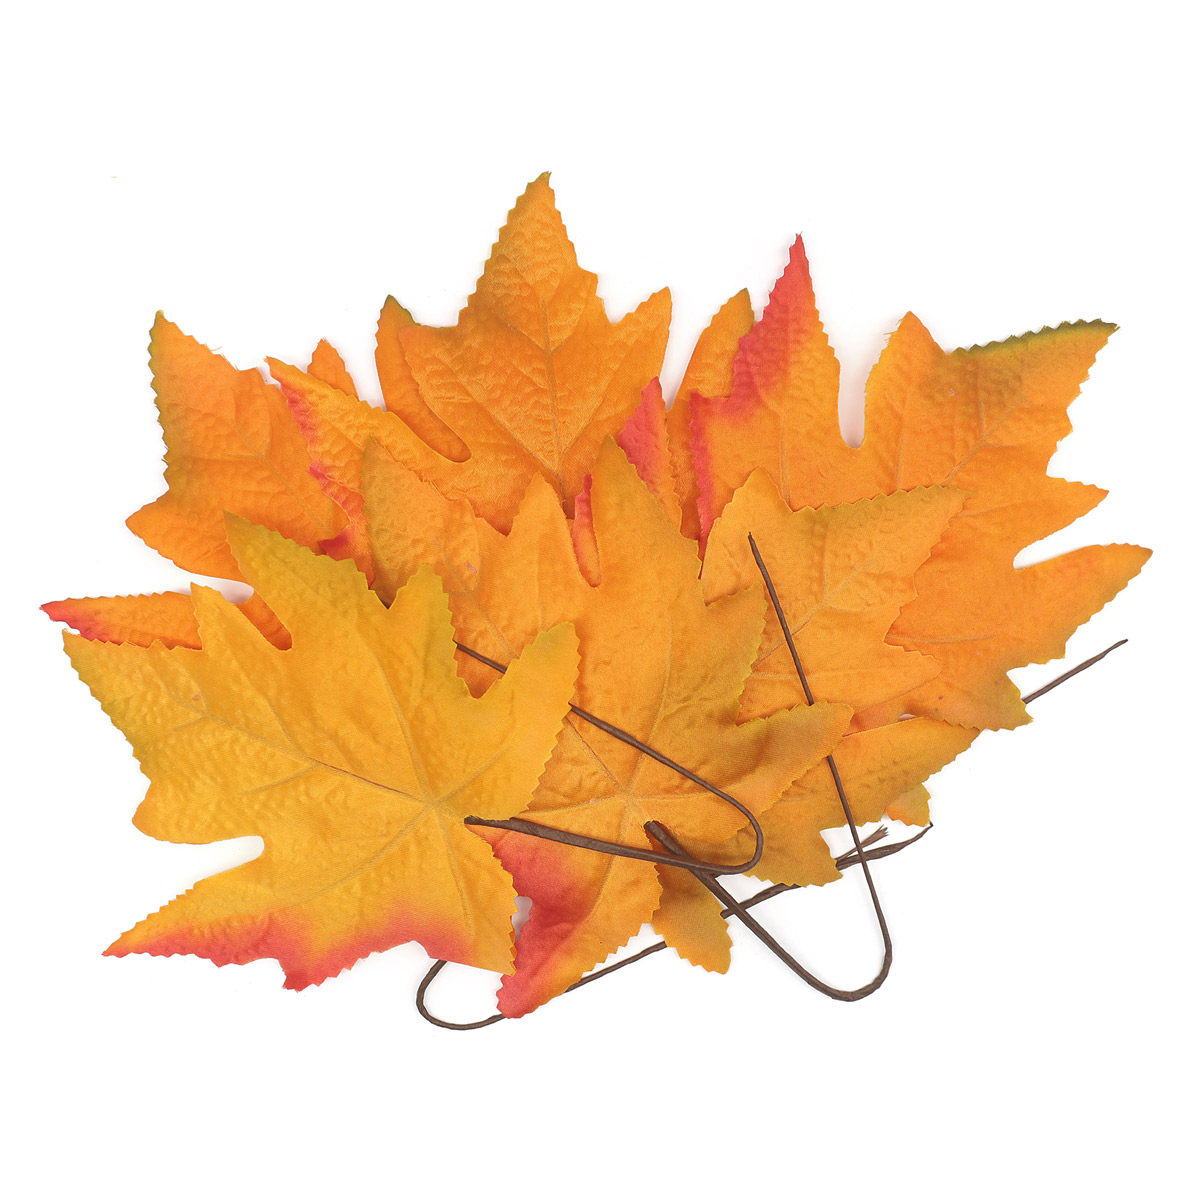 XY19 1140 Кленовые листья, 6шт (6 Светлый